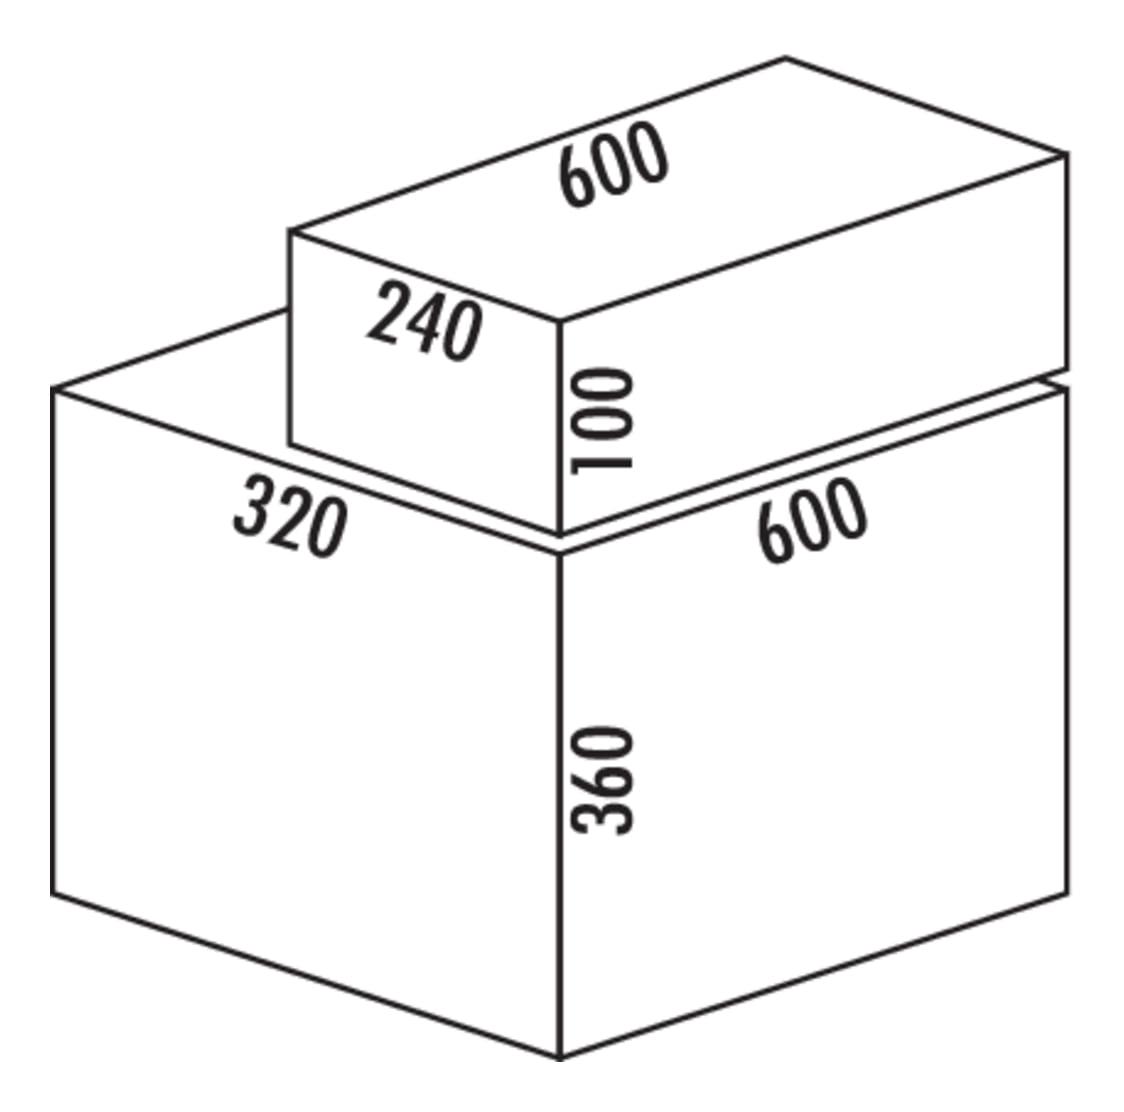 Coxィ Base 360 K/600-2 met Base-Board, Afvalverzamelaar met frontuittreksysteem., zonder biologisch deksel, antraciet, H 460 mm